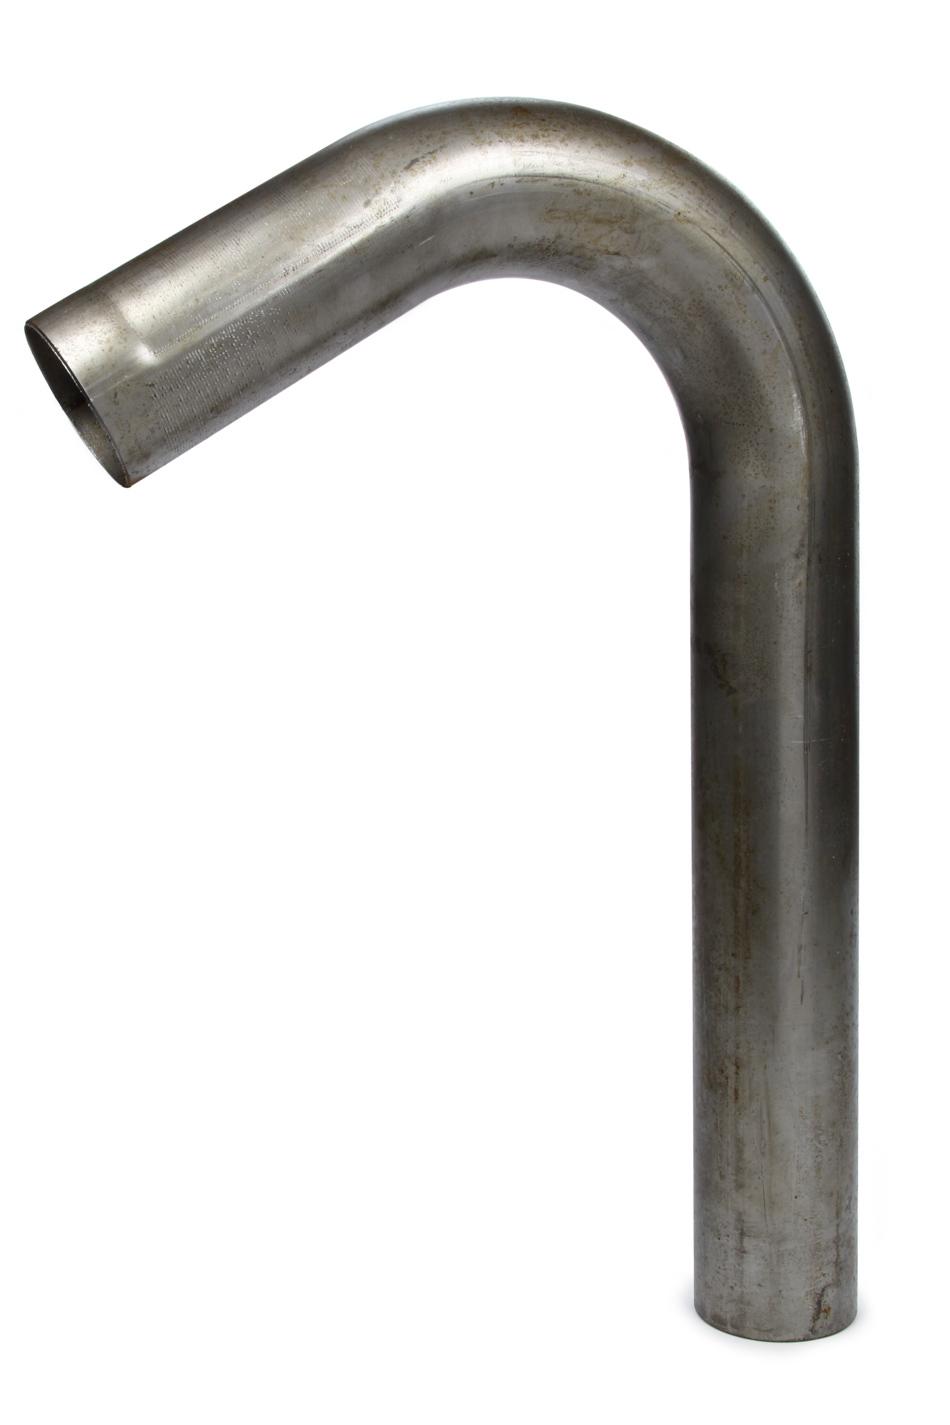 Hedman J-Bend Mild Steel 2.000 x 3in Radius 18 Gauge